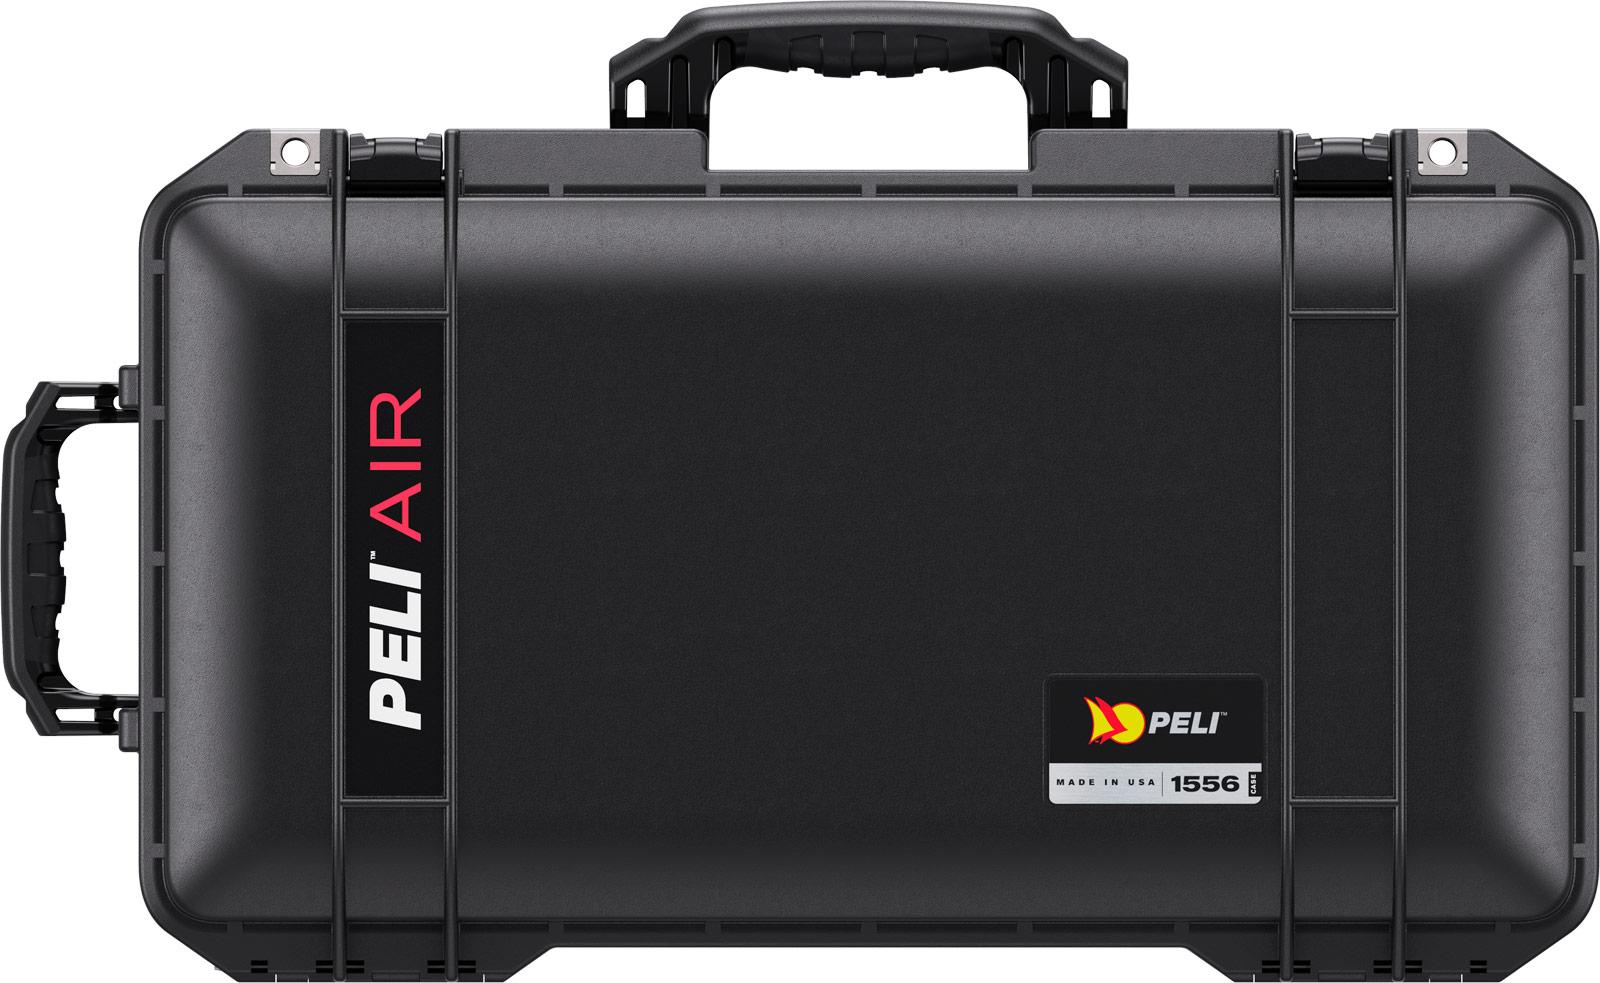 peli 1556 air watertight case